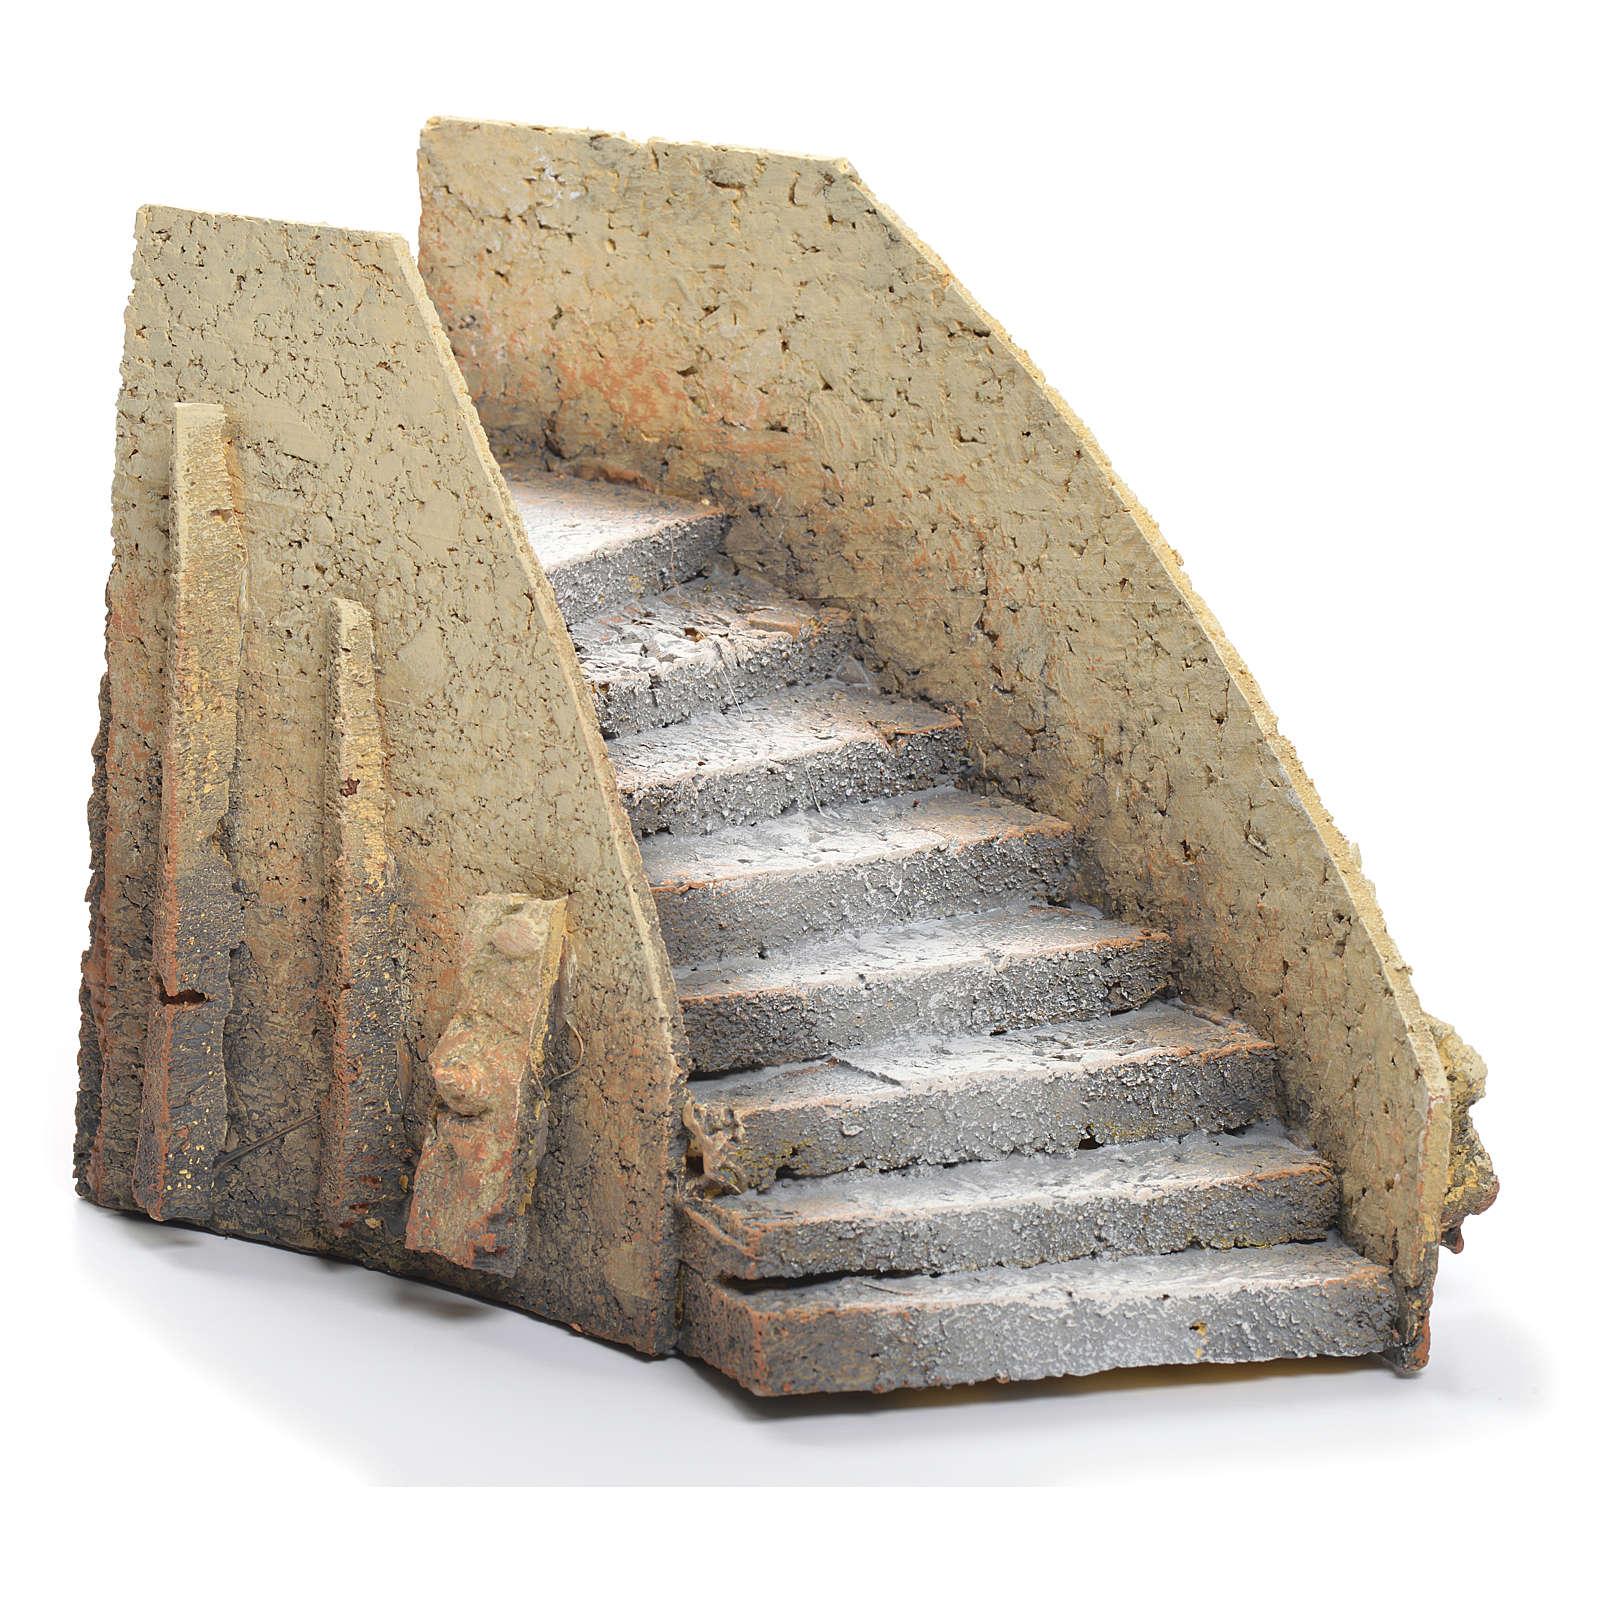 Escalier courbé crèche liège 13x18x11cm 4